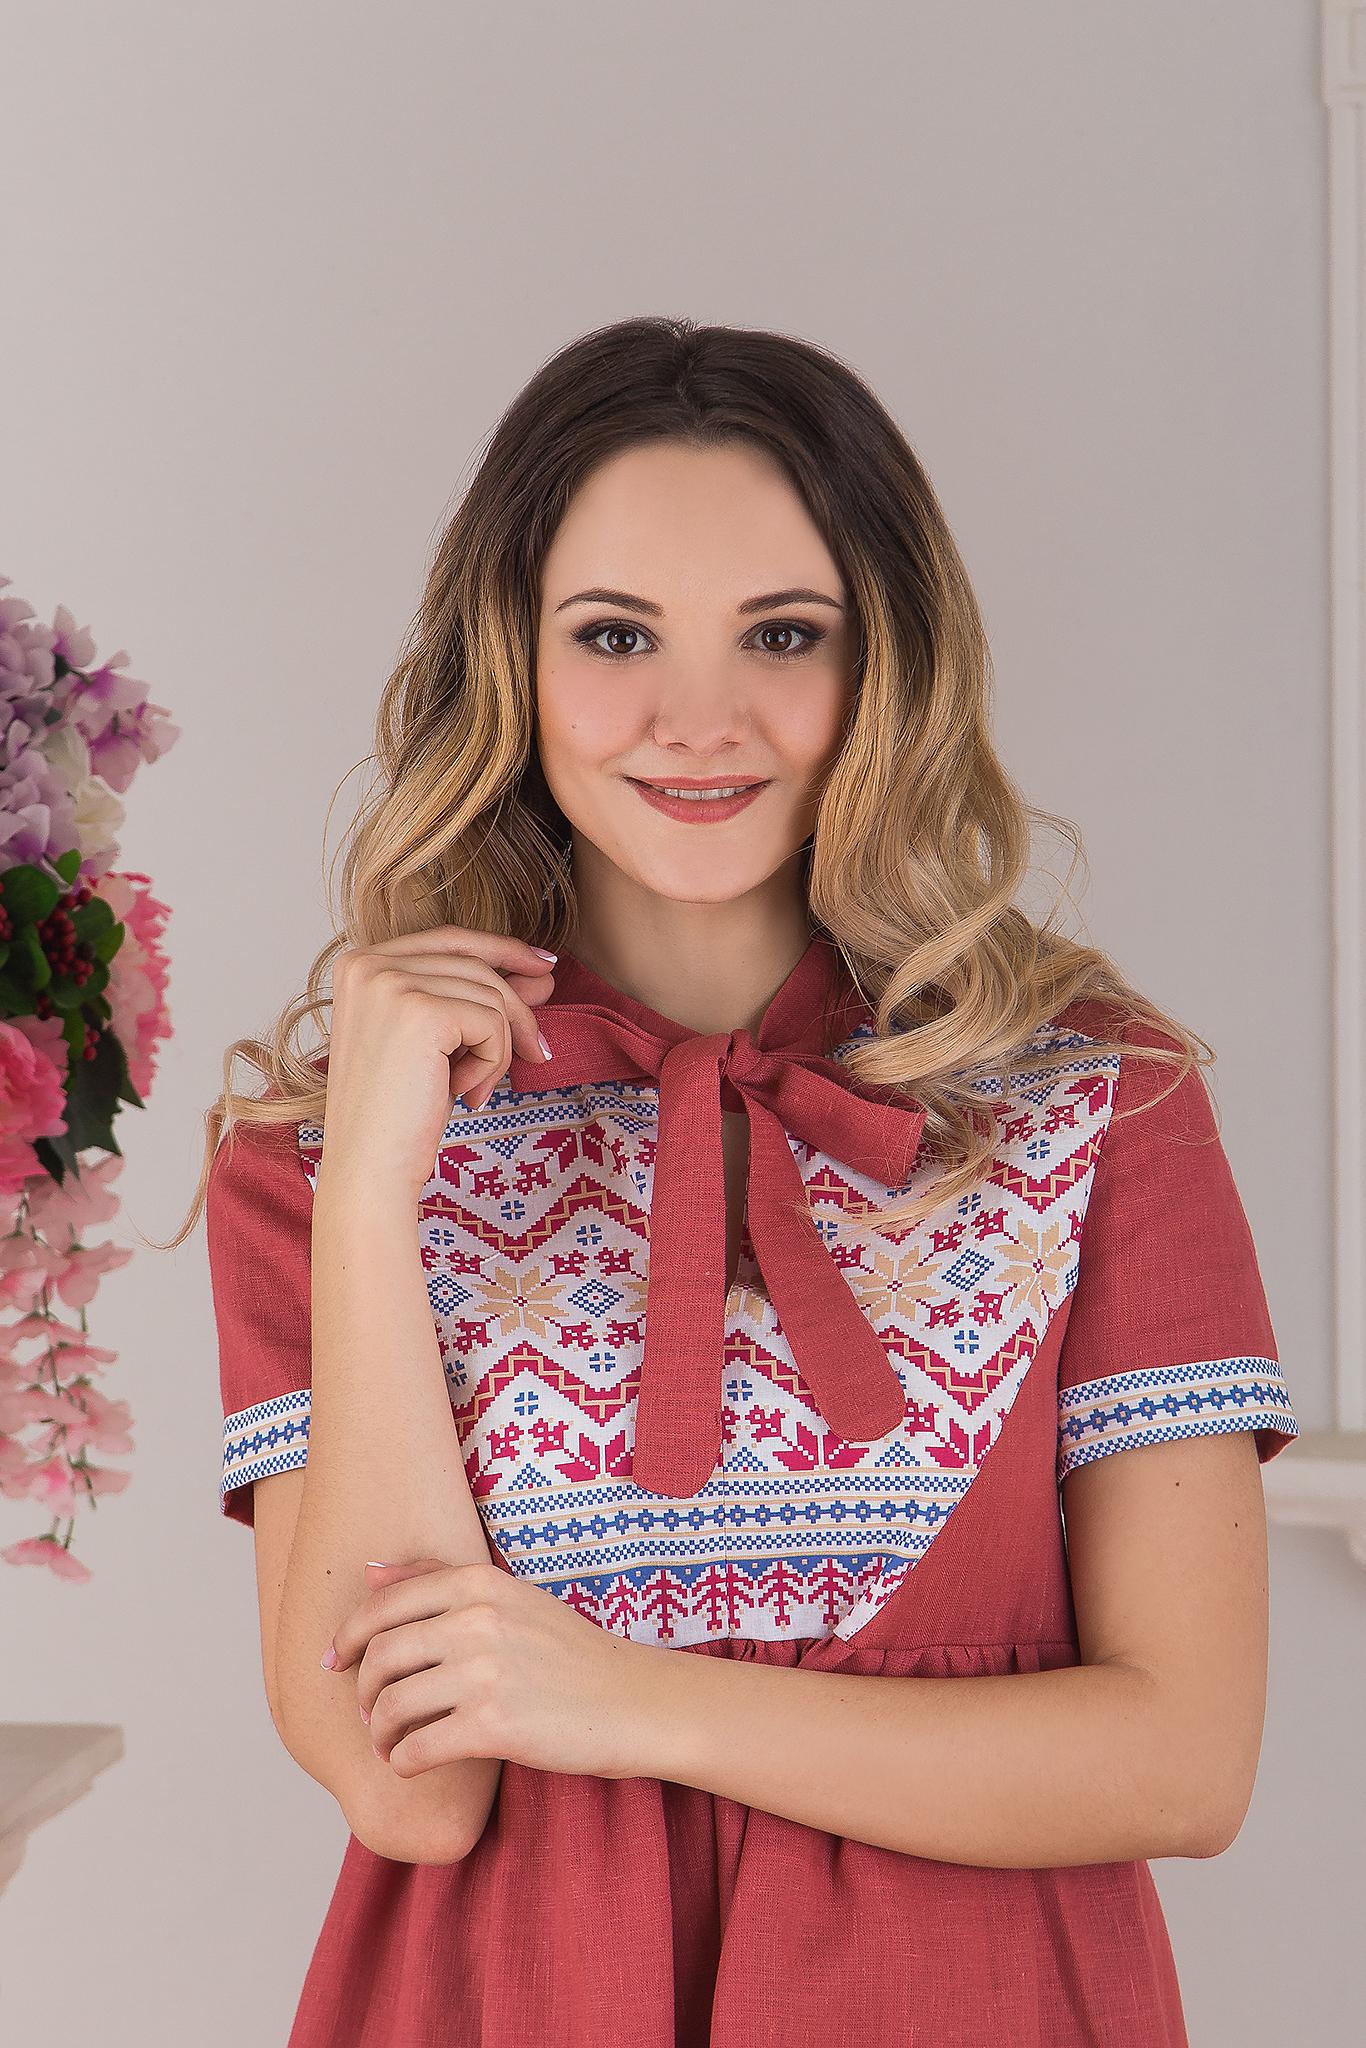 Современное русское льняное платье в стиле бохо розовое Каберне от Иванка приближенный фрагмент